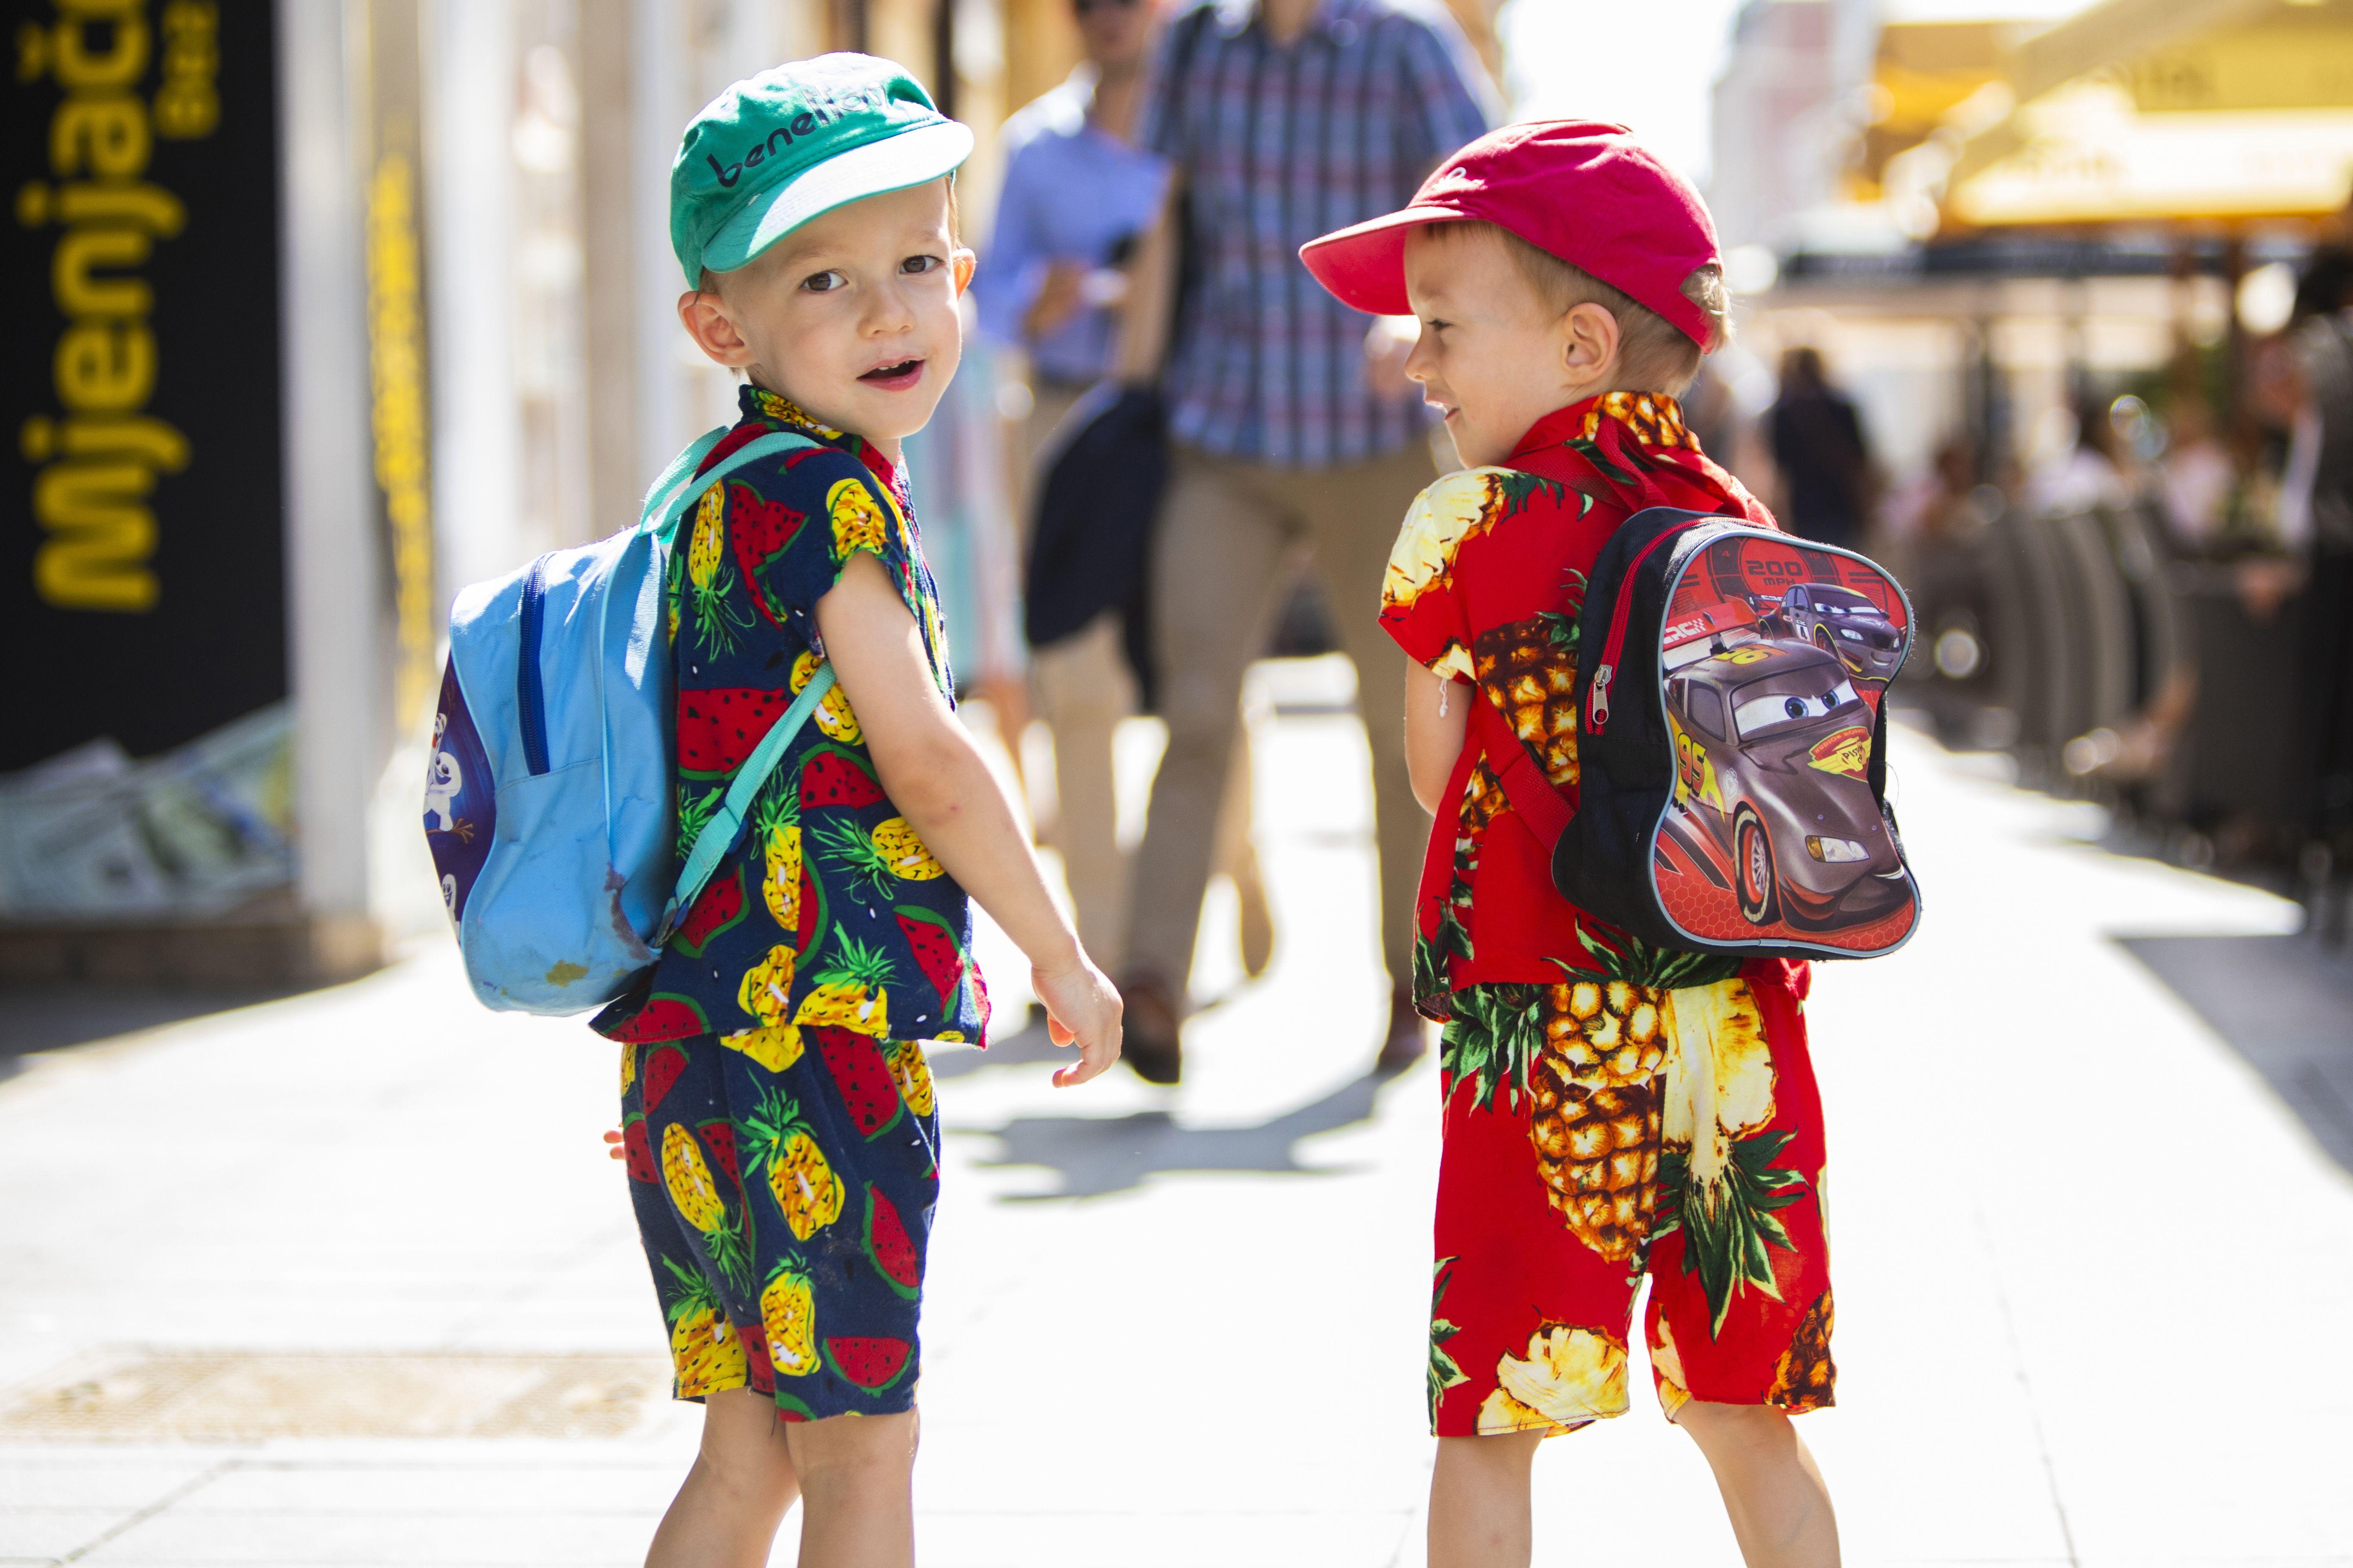 Najslađi prizor koji ćete vidjeti: Imaju tri i pol godine, a već sami biraju što će nositi